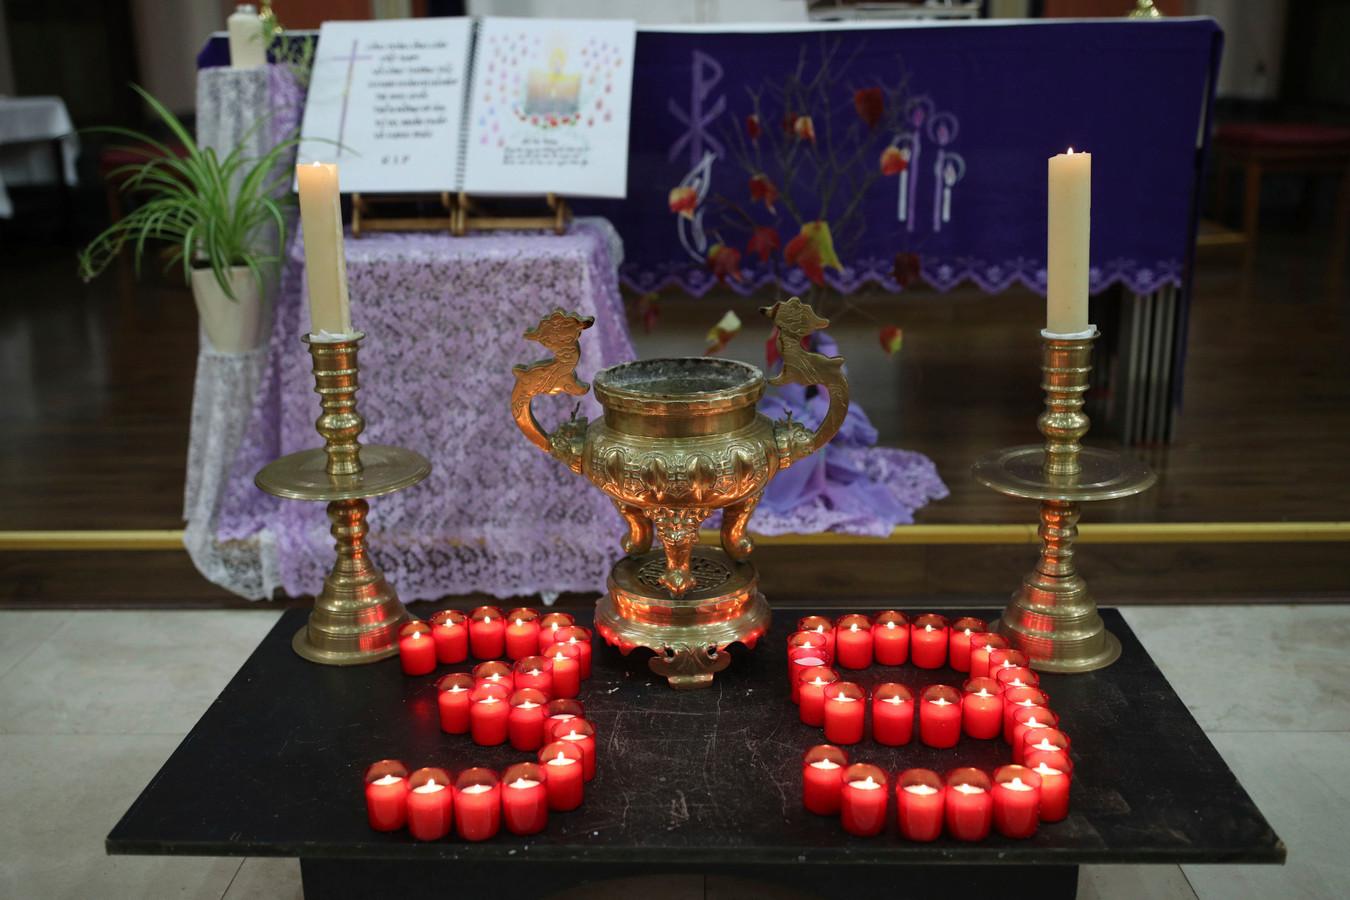 Herdenkingsplekje voor de slachtoffers in een kerk in Londen.